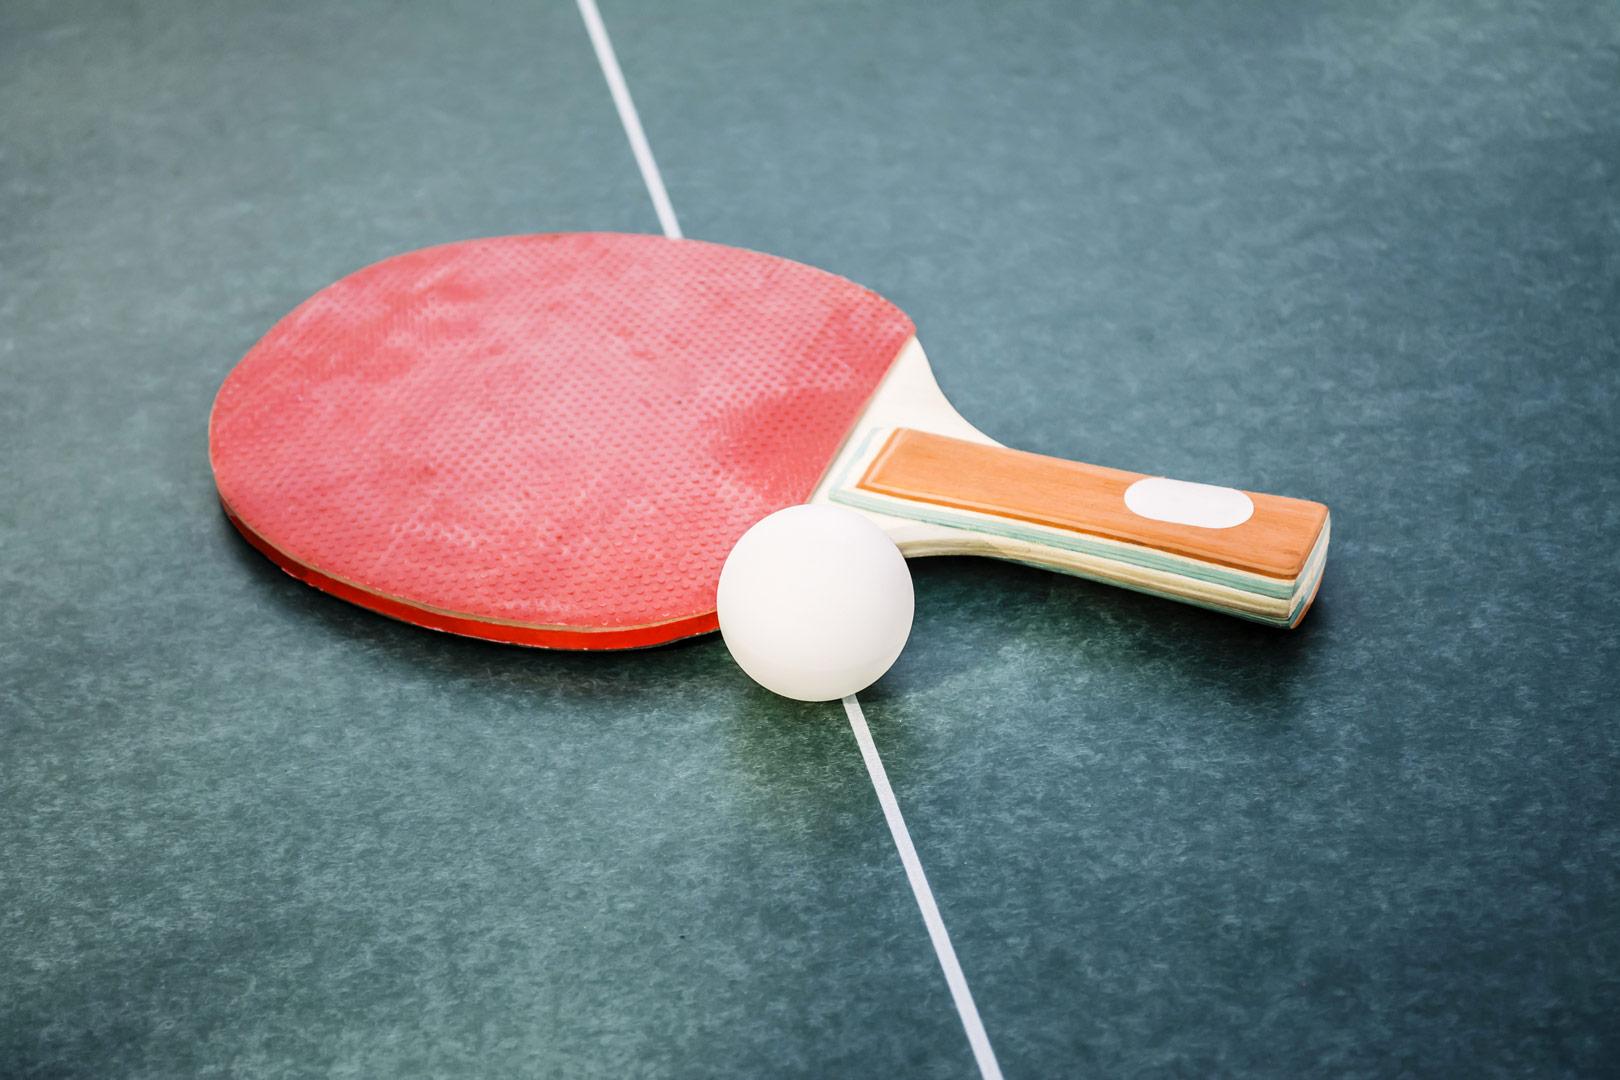 Tennis de table neuilly sur marne - Tennis de table poitou charente ...